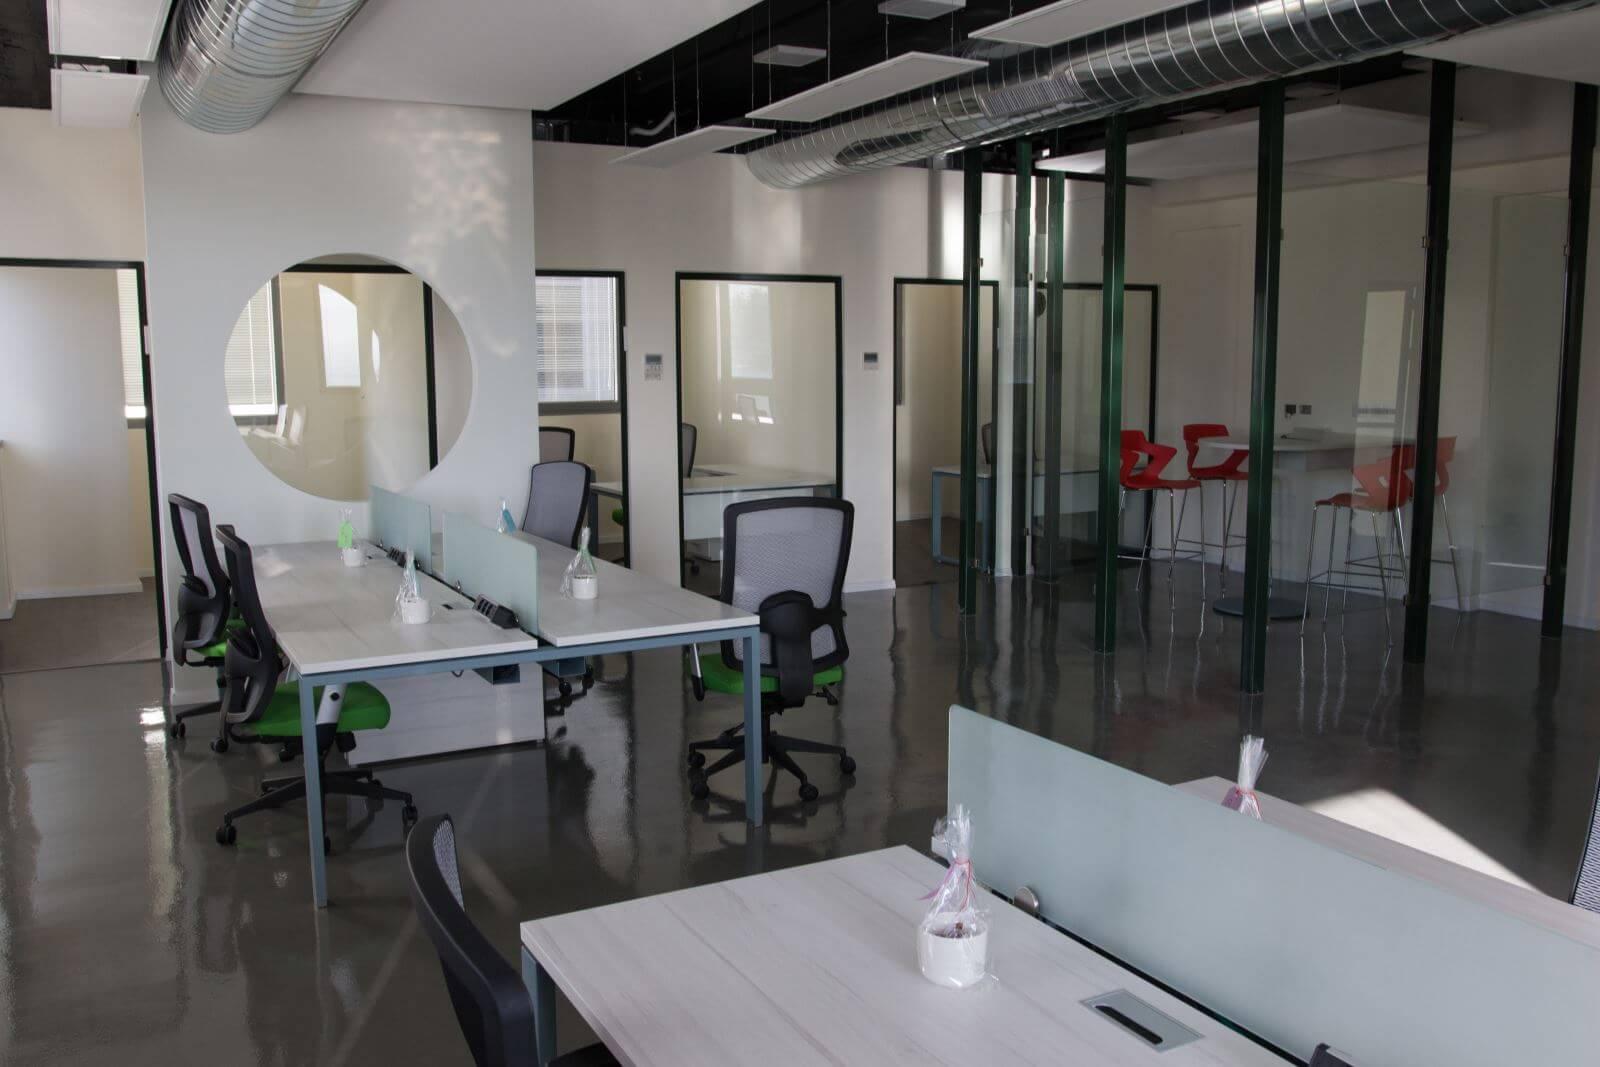 מתקדם פרוייקט במשרדי פאזל בחיפה IY-87